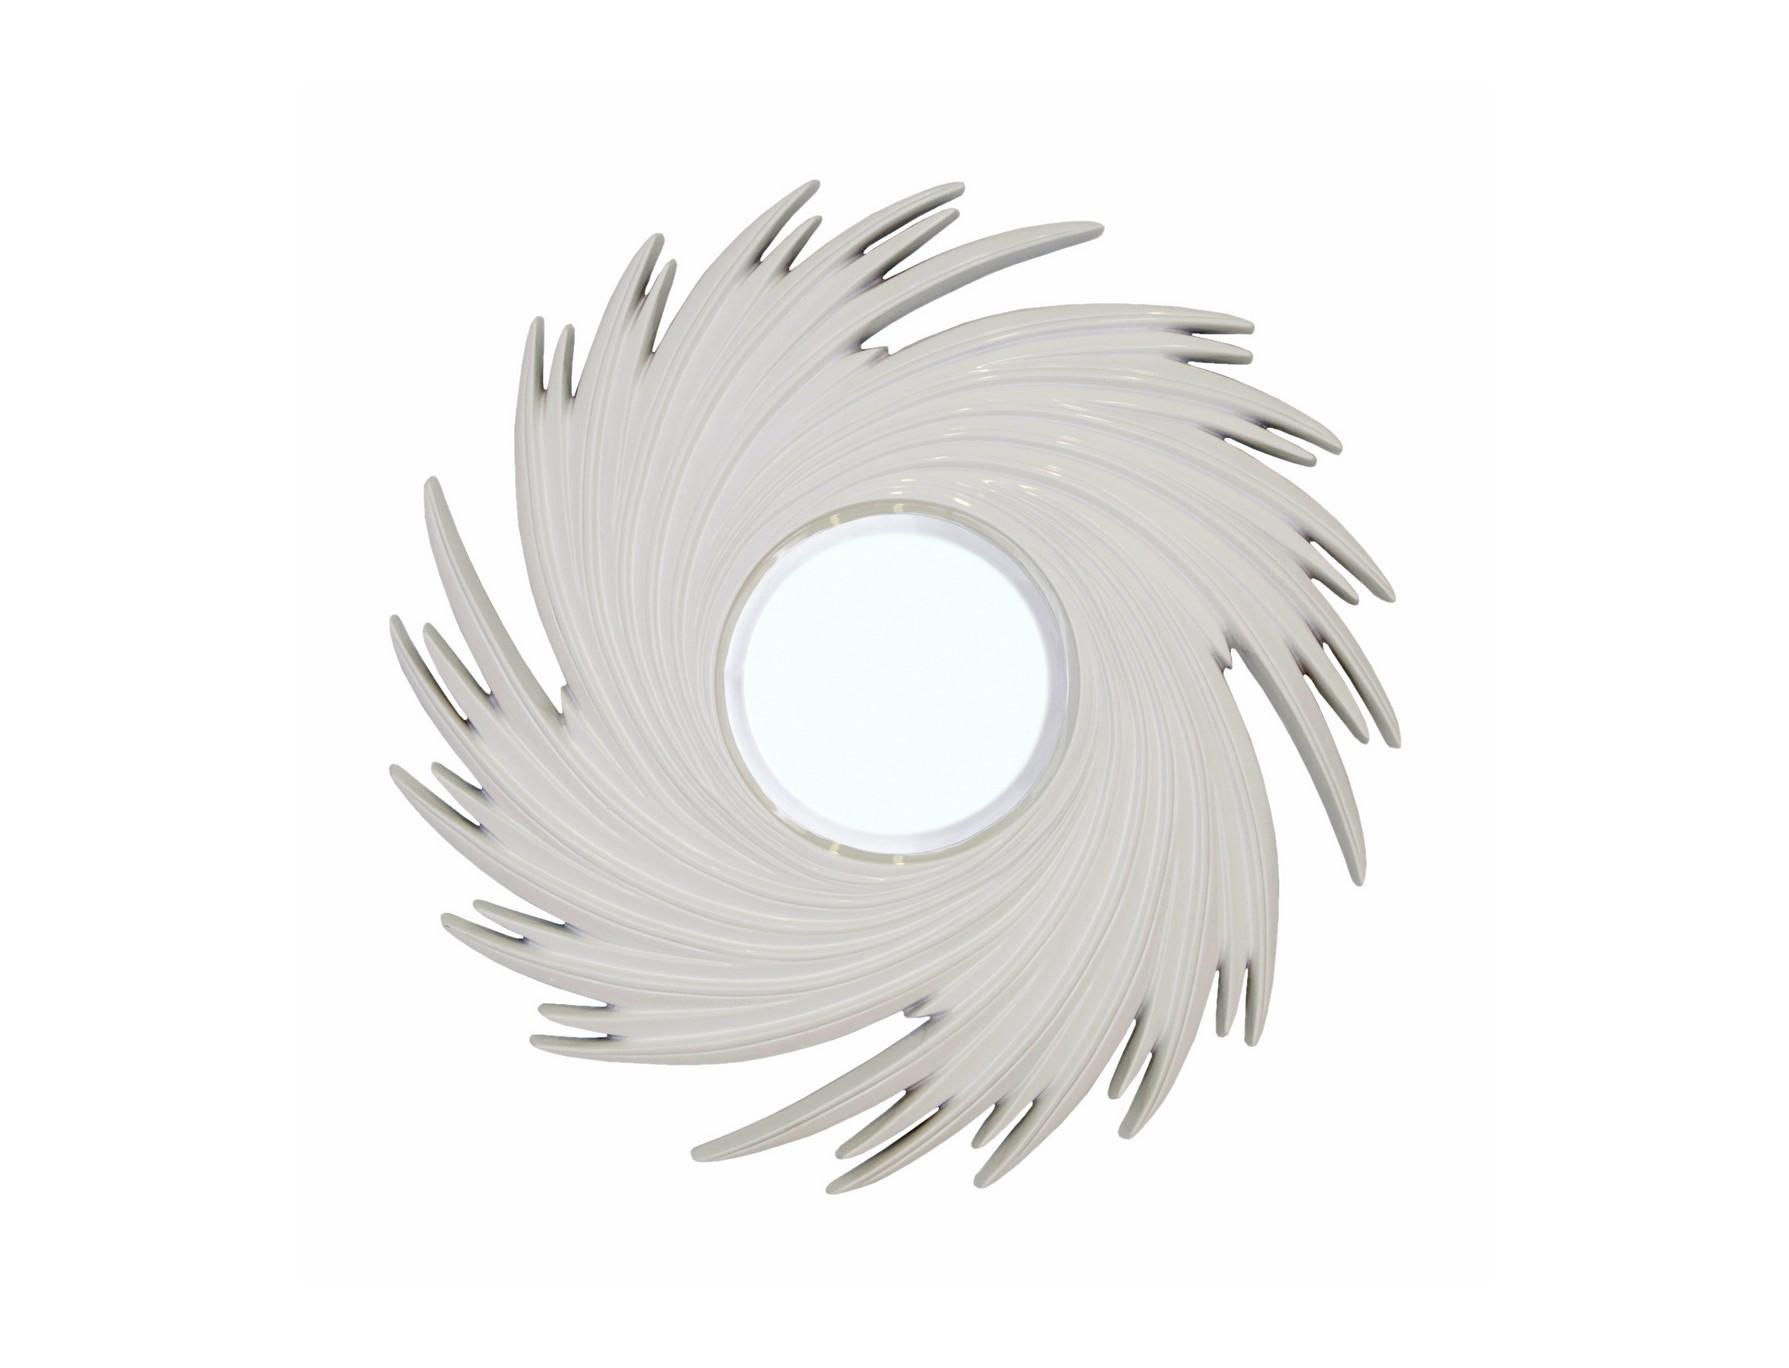 Зеркало TornadoНастенные зеркала<br>Материалы: МДФ, полирезин, стекло<br><br>Material: МДФ<br>Width см: 95<br>Depth см: 4,4<br>Height см: 95